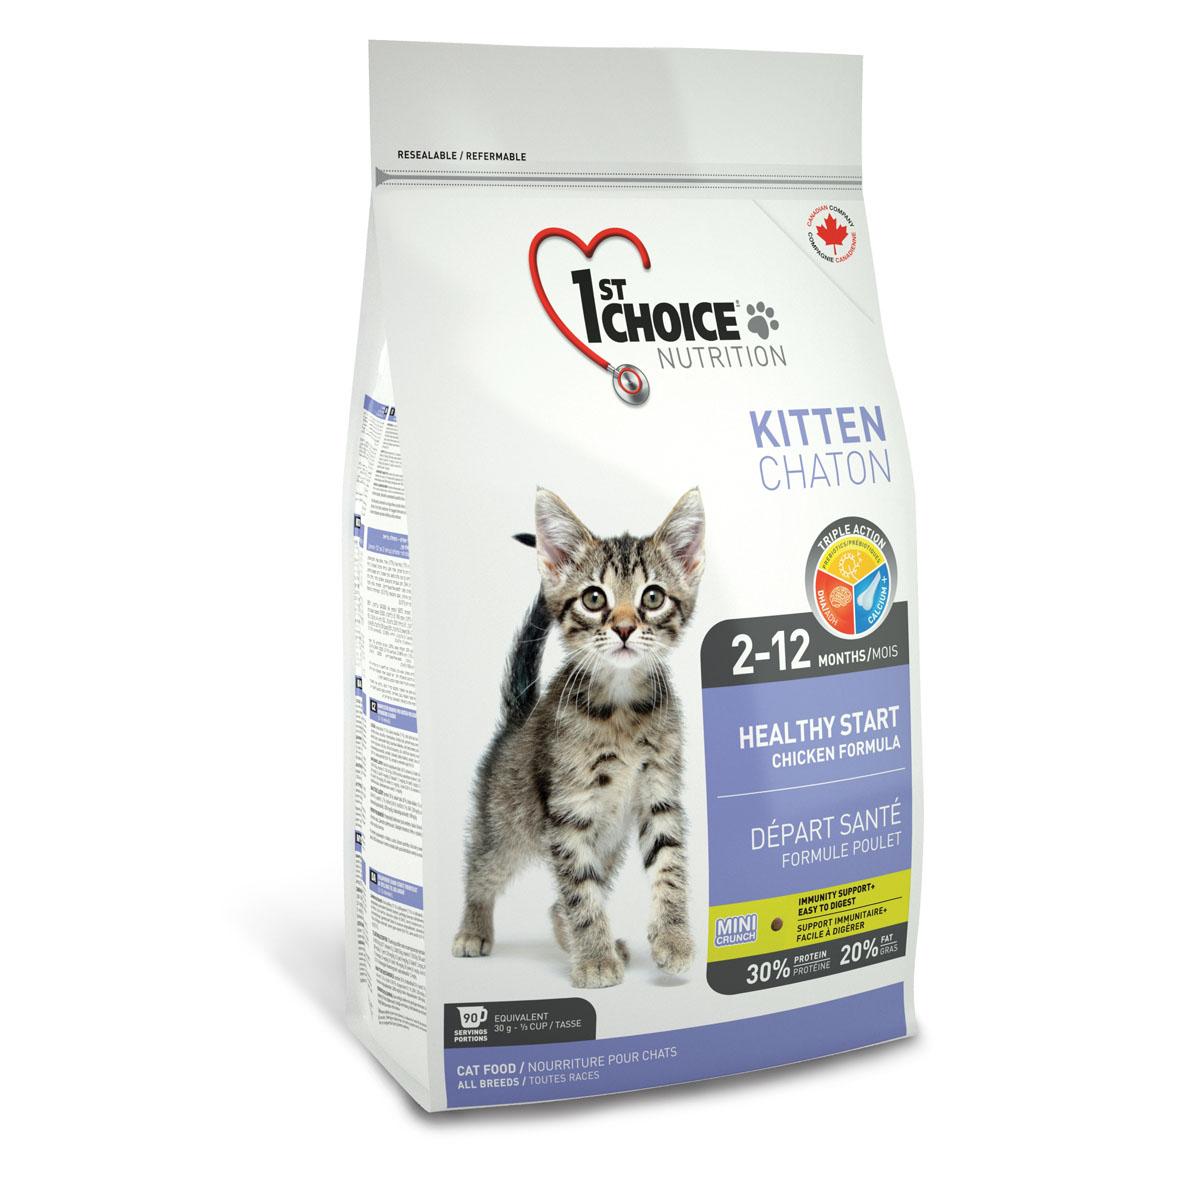 Корм сухой 1st Choice Kitten для котят, с курицей, 907 г56661Сухой корм 1st Choice Kitten с идеальной формулой для начального прикорма предназначен для котенка с 2 месяцев, когда он нуждается в новых источниках питания вместо материнского молока. При этом нет необходимости разделять котенка с мамой. Корм содержит все необходимое не только для растущего организма, но и для беременных и кормящих кошек. Оптимальное питание для старта в здоровую жизнь! Мелкие гранулы легко усваиваются в организме котенка,укрепляя иммунитет, полученный от матери. Входящий в состав жир лосося - самый лучший источник DHA (докозагексаеновой кислоты), которая обеспечивает оптимальное развитие центральной нервной системы, головного мозга и зрения. Пребиотики поддерживают иммунитет и способствуют хорошему пищеварению, кальций - правильному развитию костной системы котёнка. DHA развивает центральную нервную систему, головной мозг и зрение. Ингредиенты: свежая курица 17%, мука из мяса курицы 17%, рис, куриный жир, сохраненный смесью...